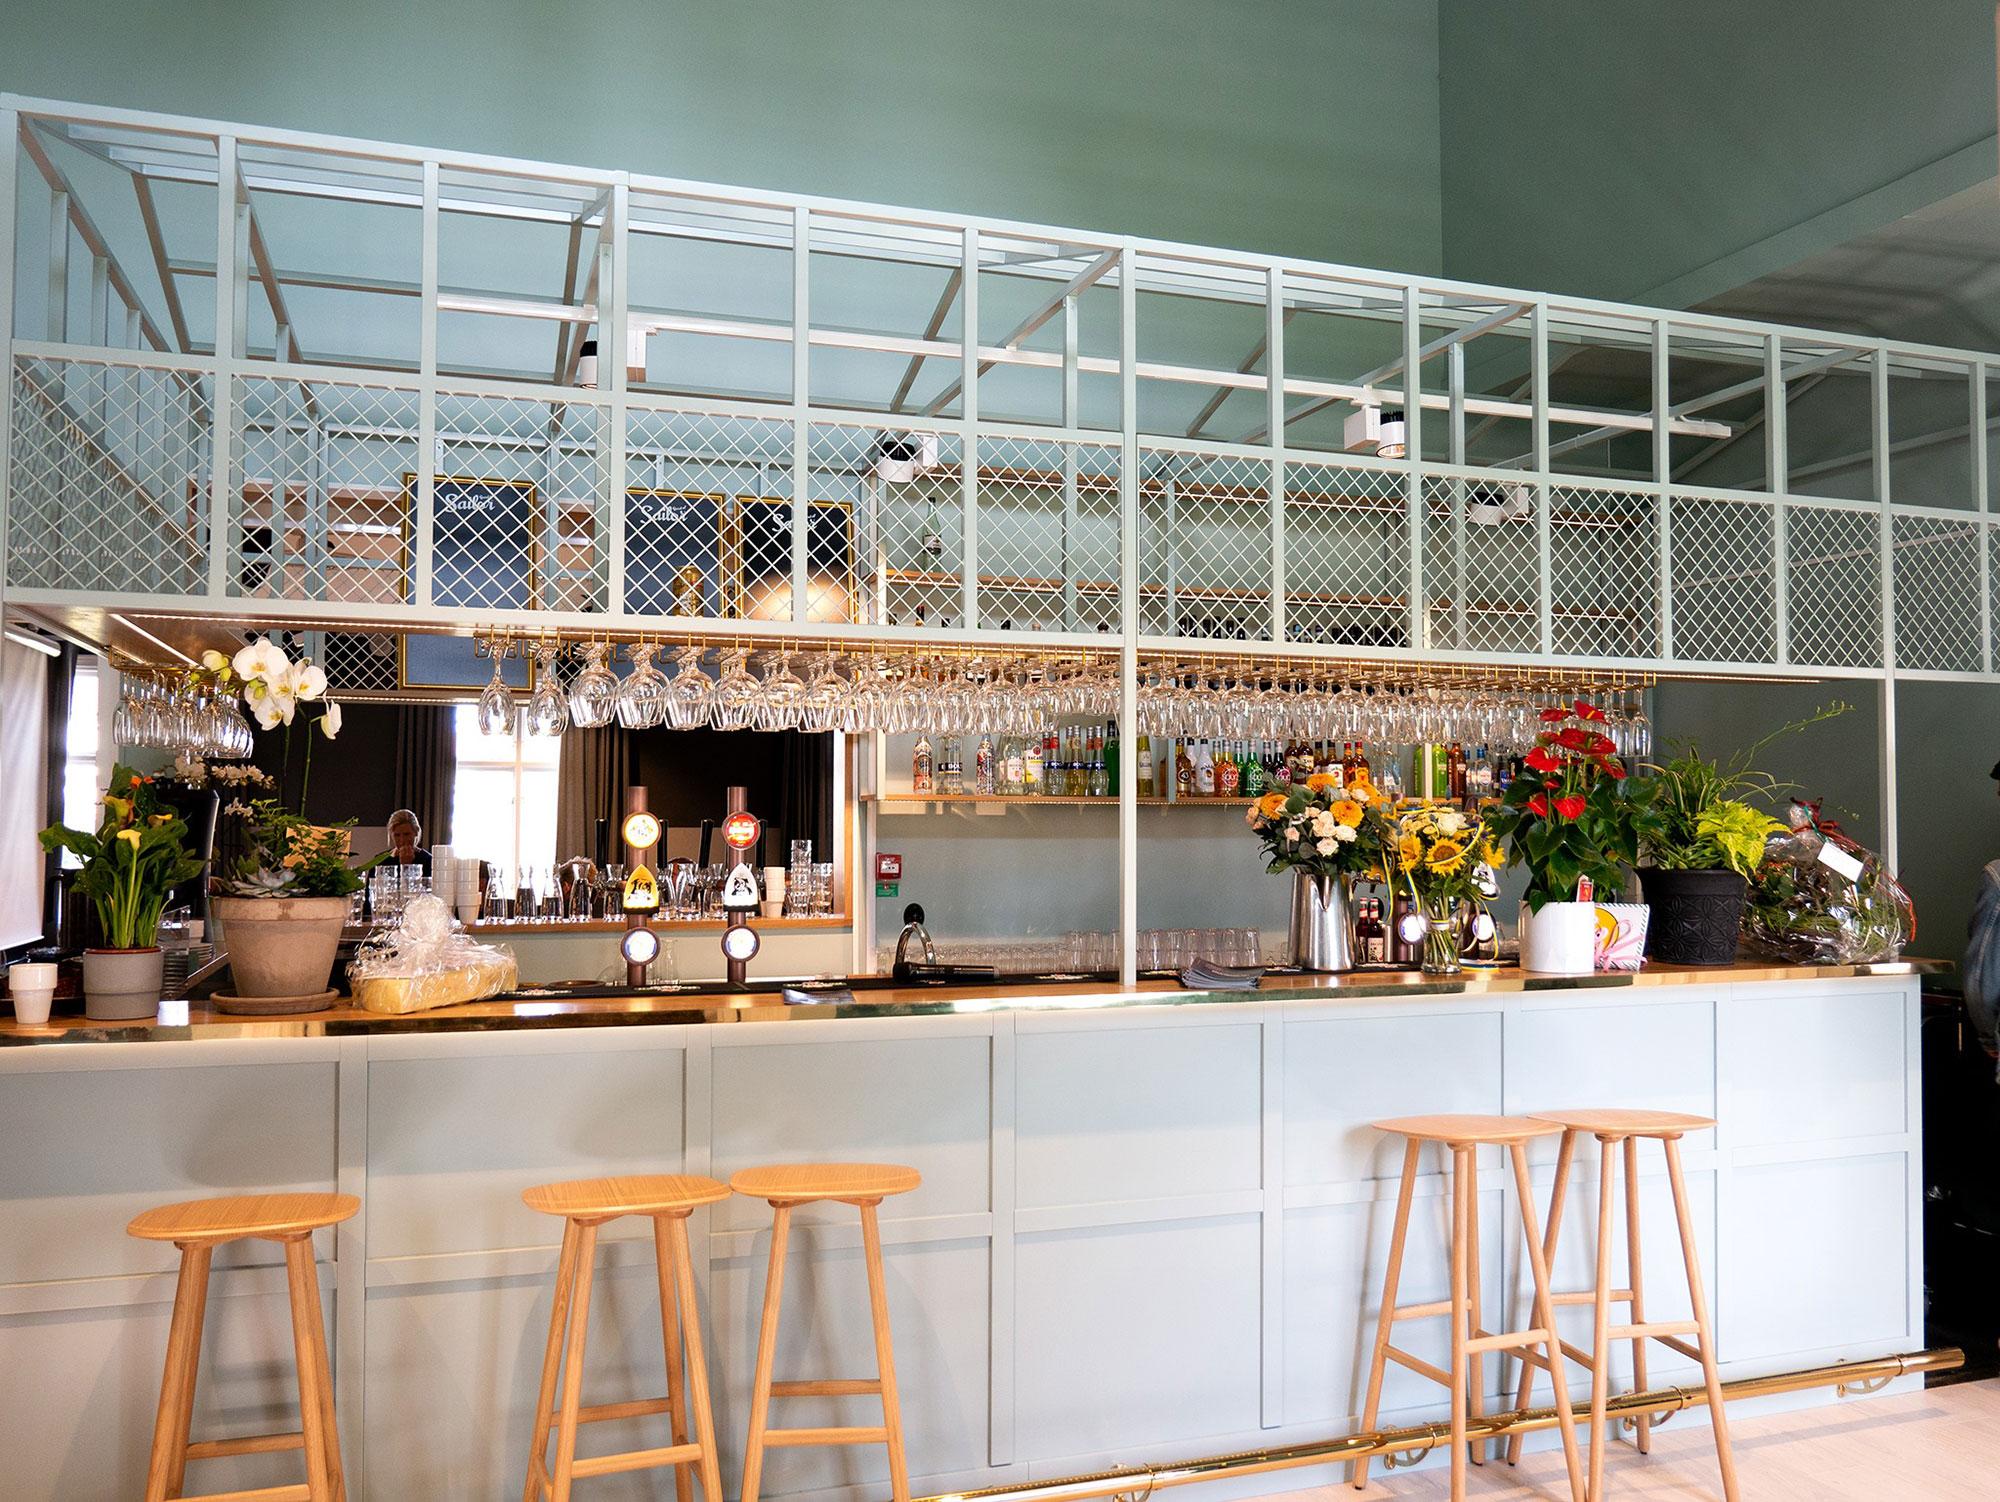 En vit bardisk med ljusgröna väggar, barstolar i trä, glas som hänger upp och ned, ölappar och blommor som dekoration.